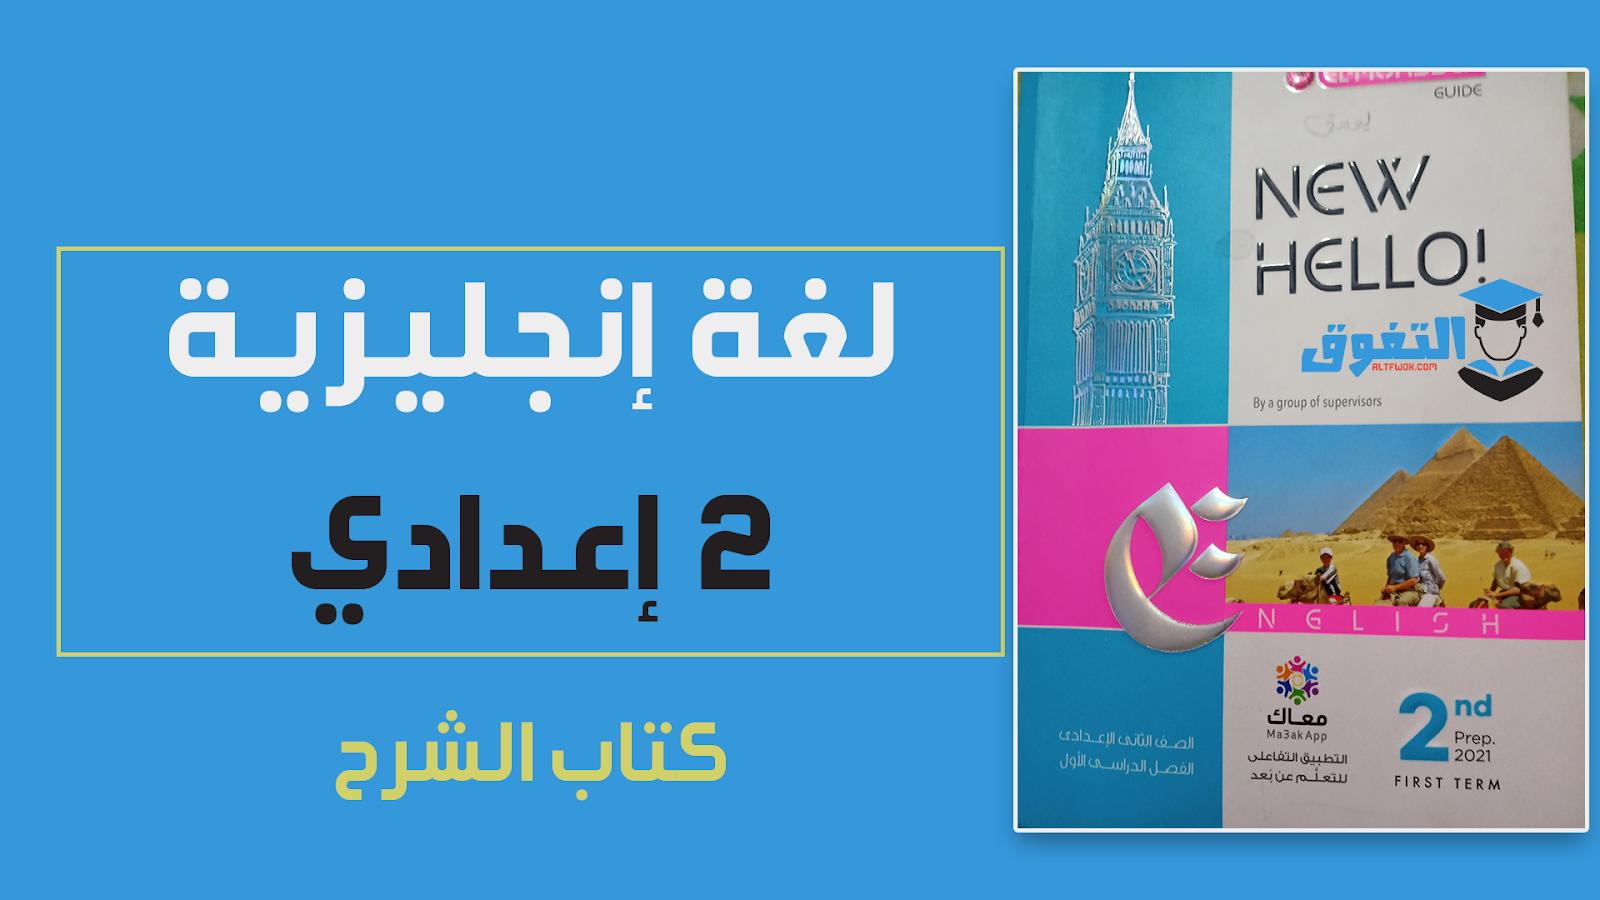 تحميل كتاب المعاصر فى اللغة الانجليزية pdf للصف الثاني الاعدادي الترم الاول 2021 (النسخة الجديدة كاملة)